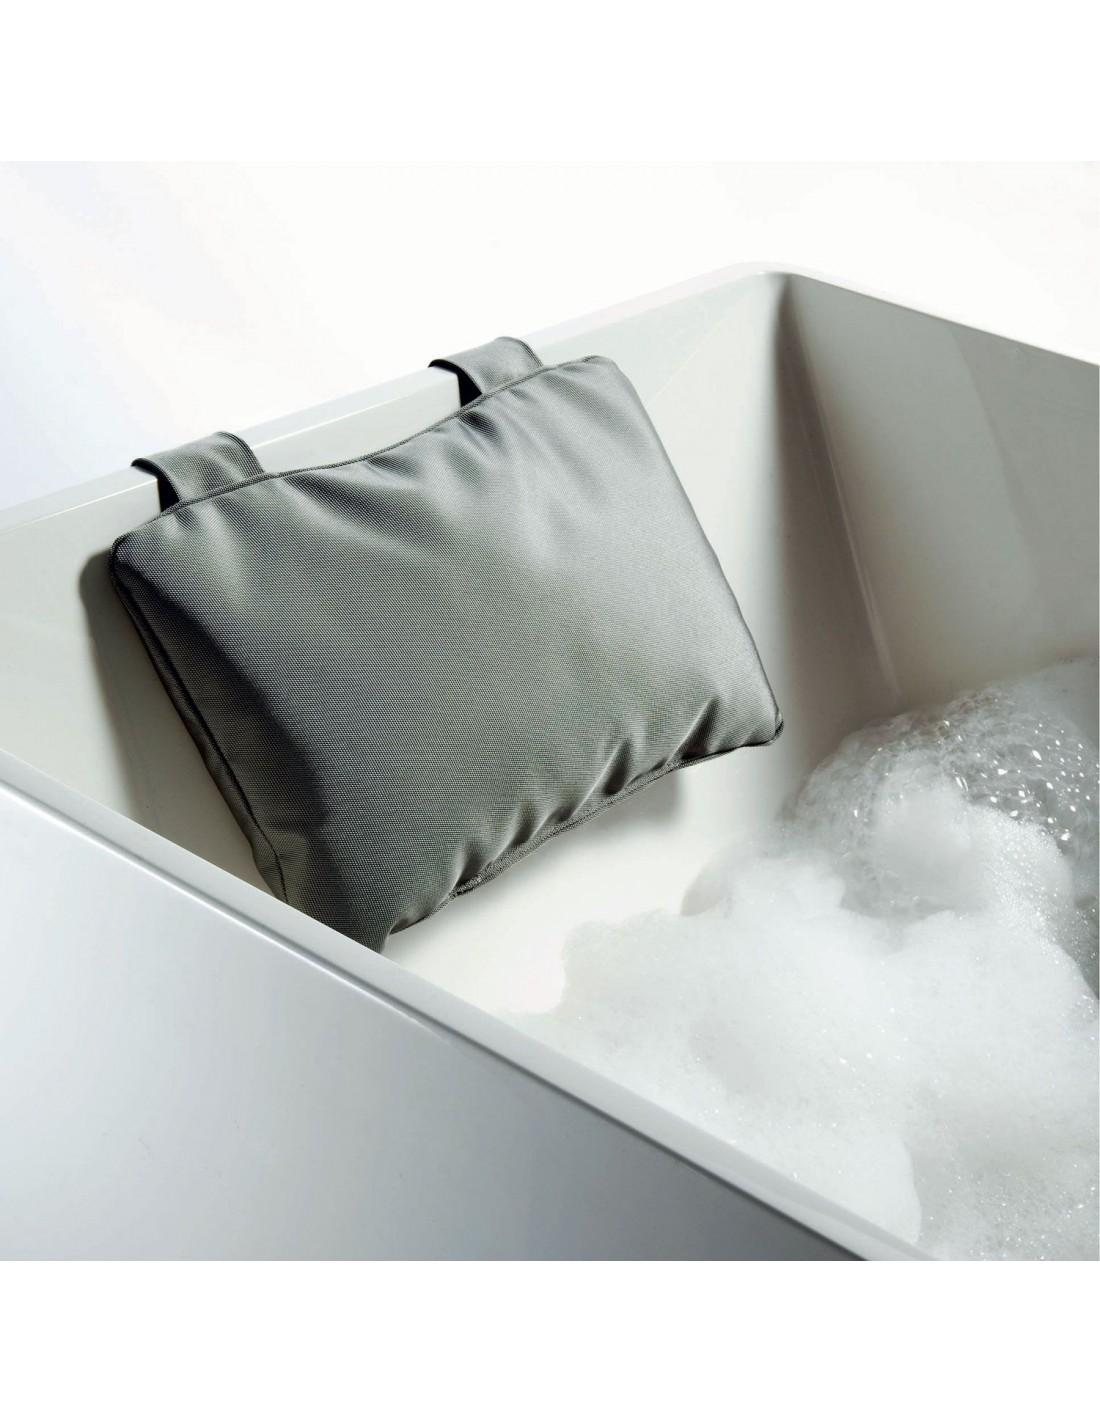 Coussin pour baignoire gris Decor Walther